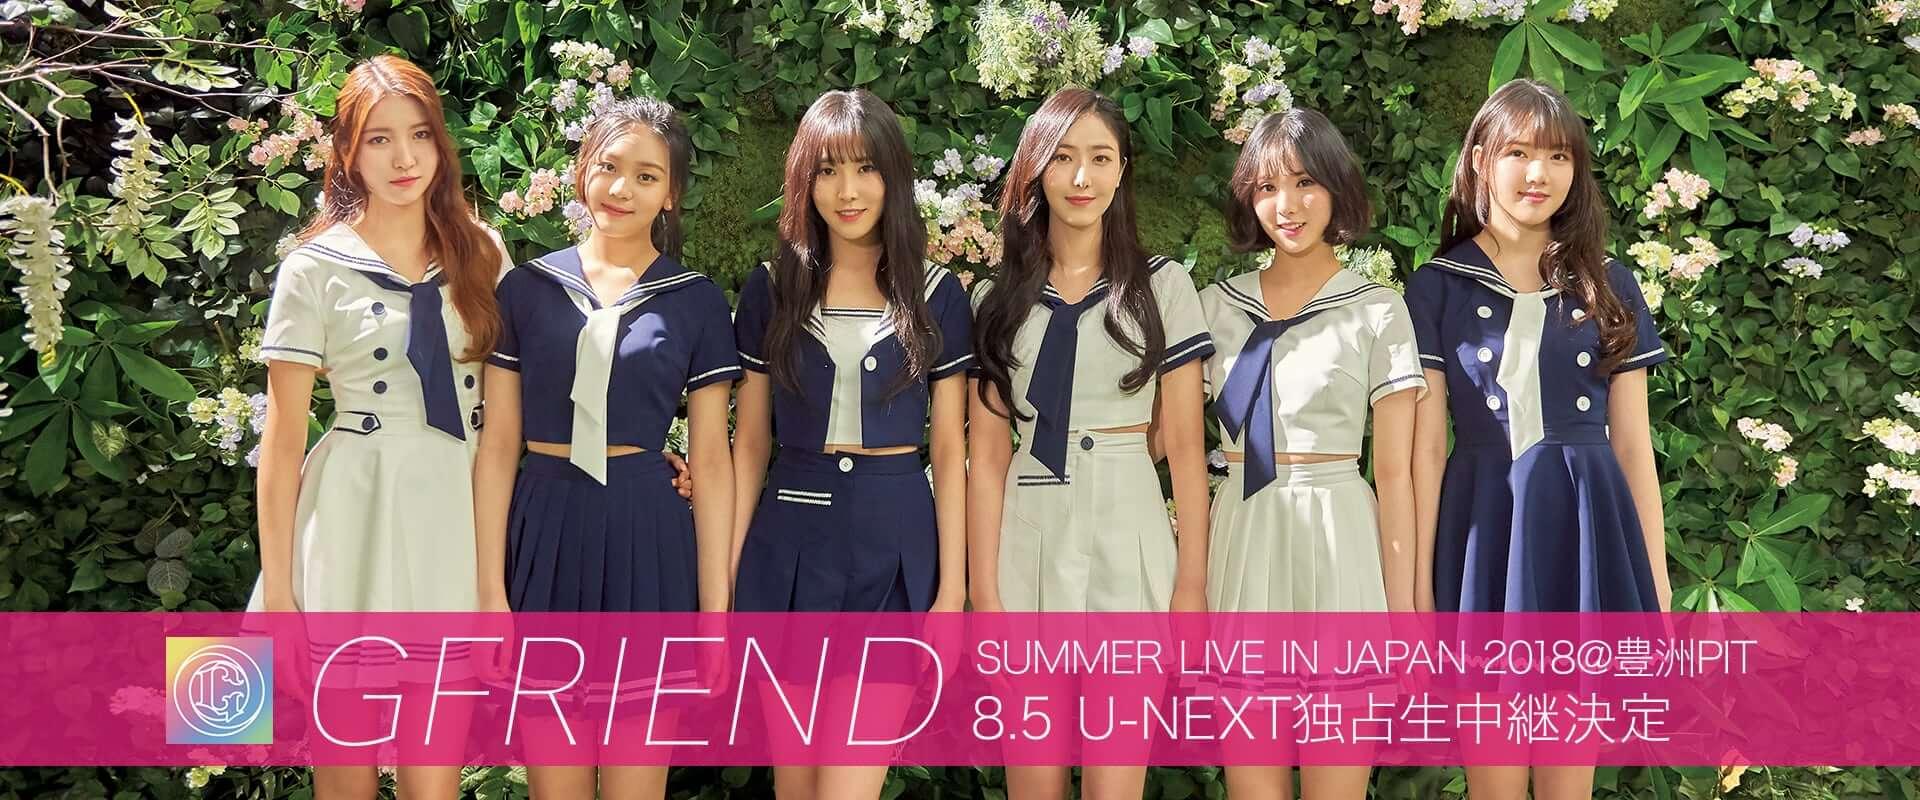 【韓流ファン必見!】『GFRIEND』の日本初LIVEがU-NEXTにて動画配信!会員なら無料で視聴可能!